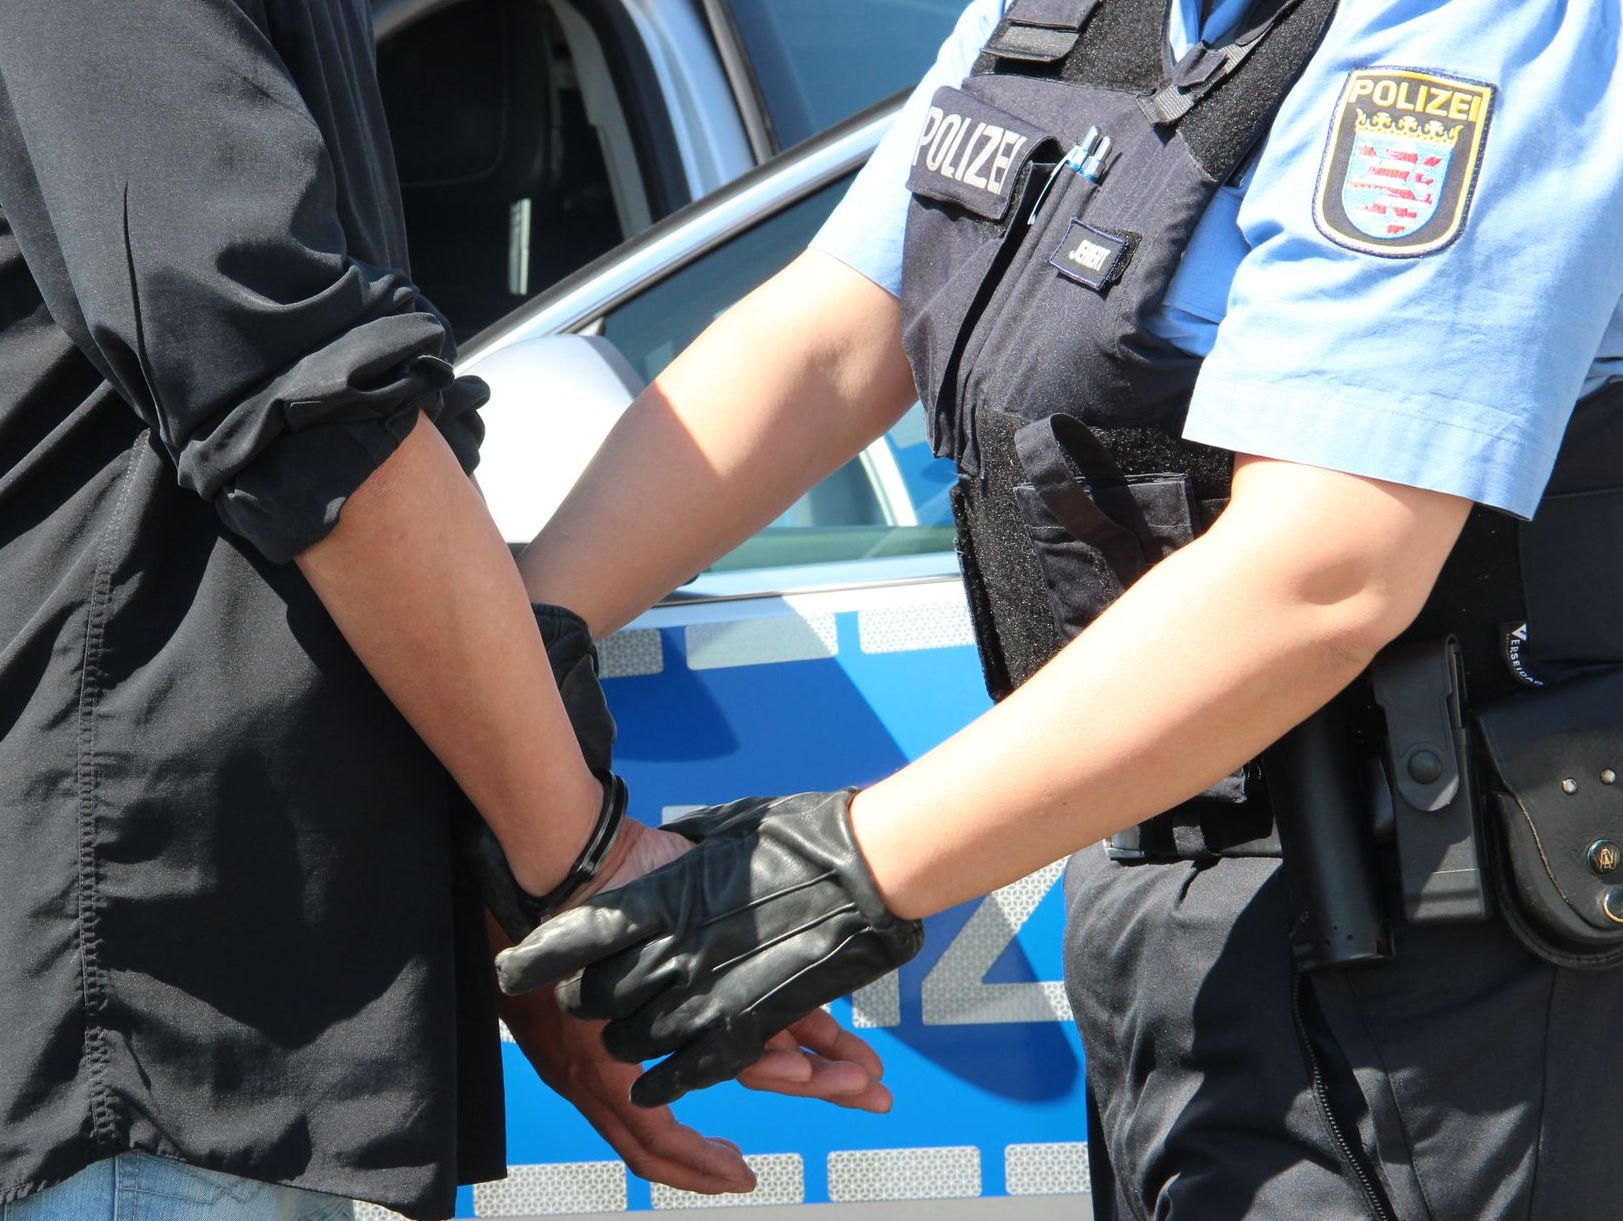 Mit Messern bewaffnet: 35-Jähriger hält in Langenbieber Polizei in Atem